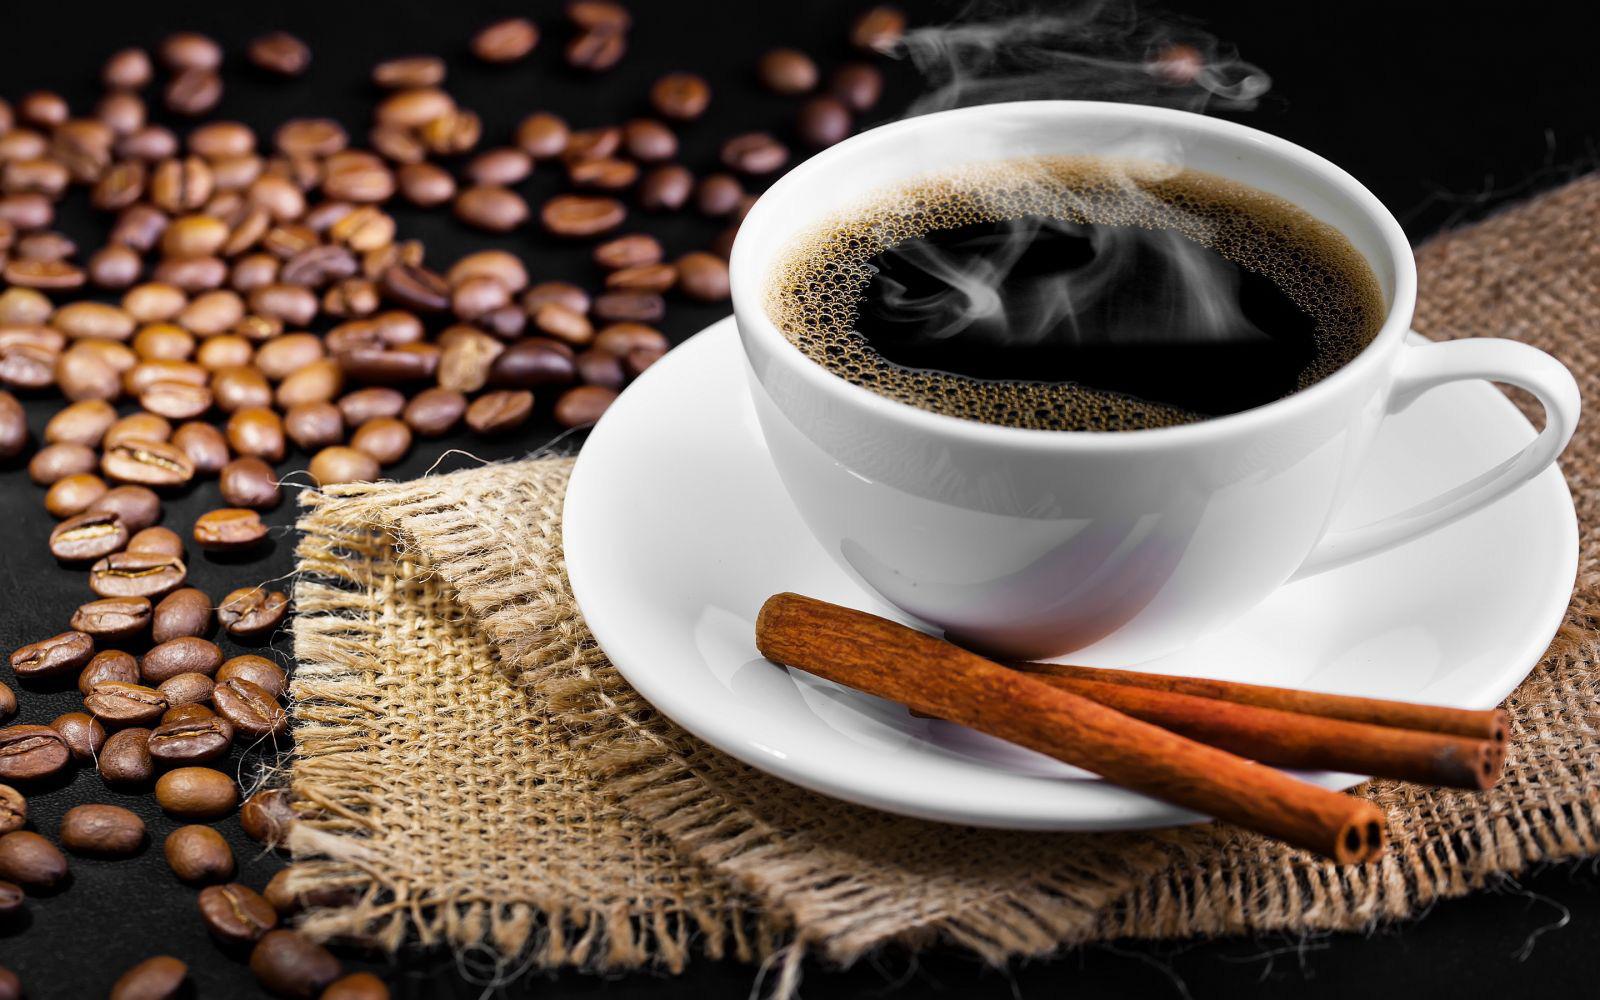 Xuất khẩu cà phê mang về hơn 1,6 tỷ USD trong 6 tháng đầu năm